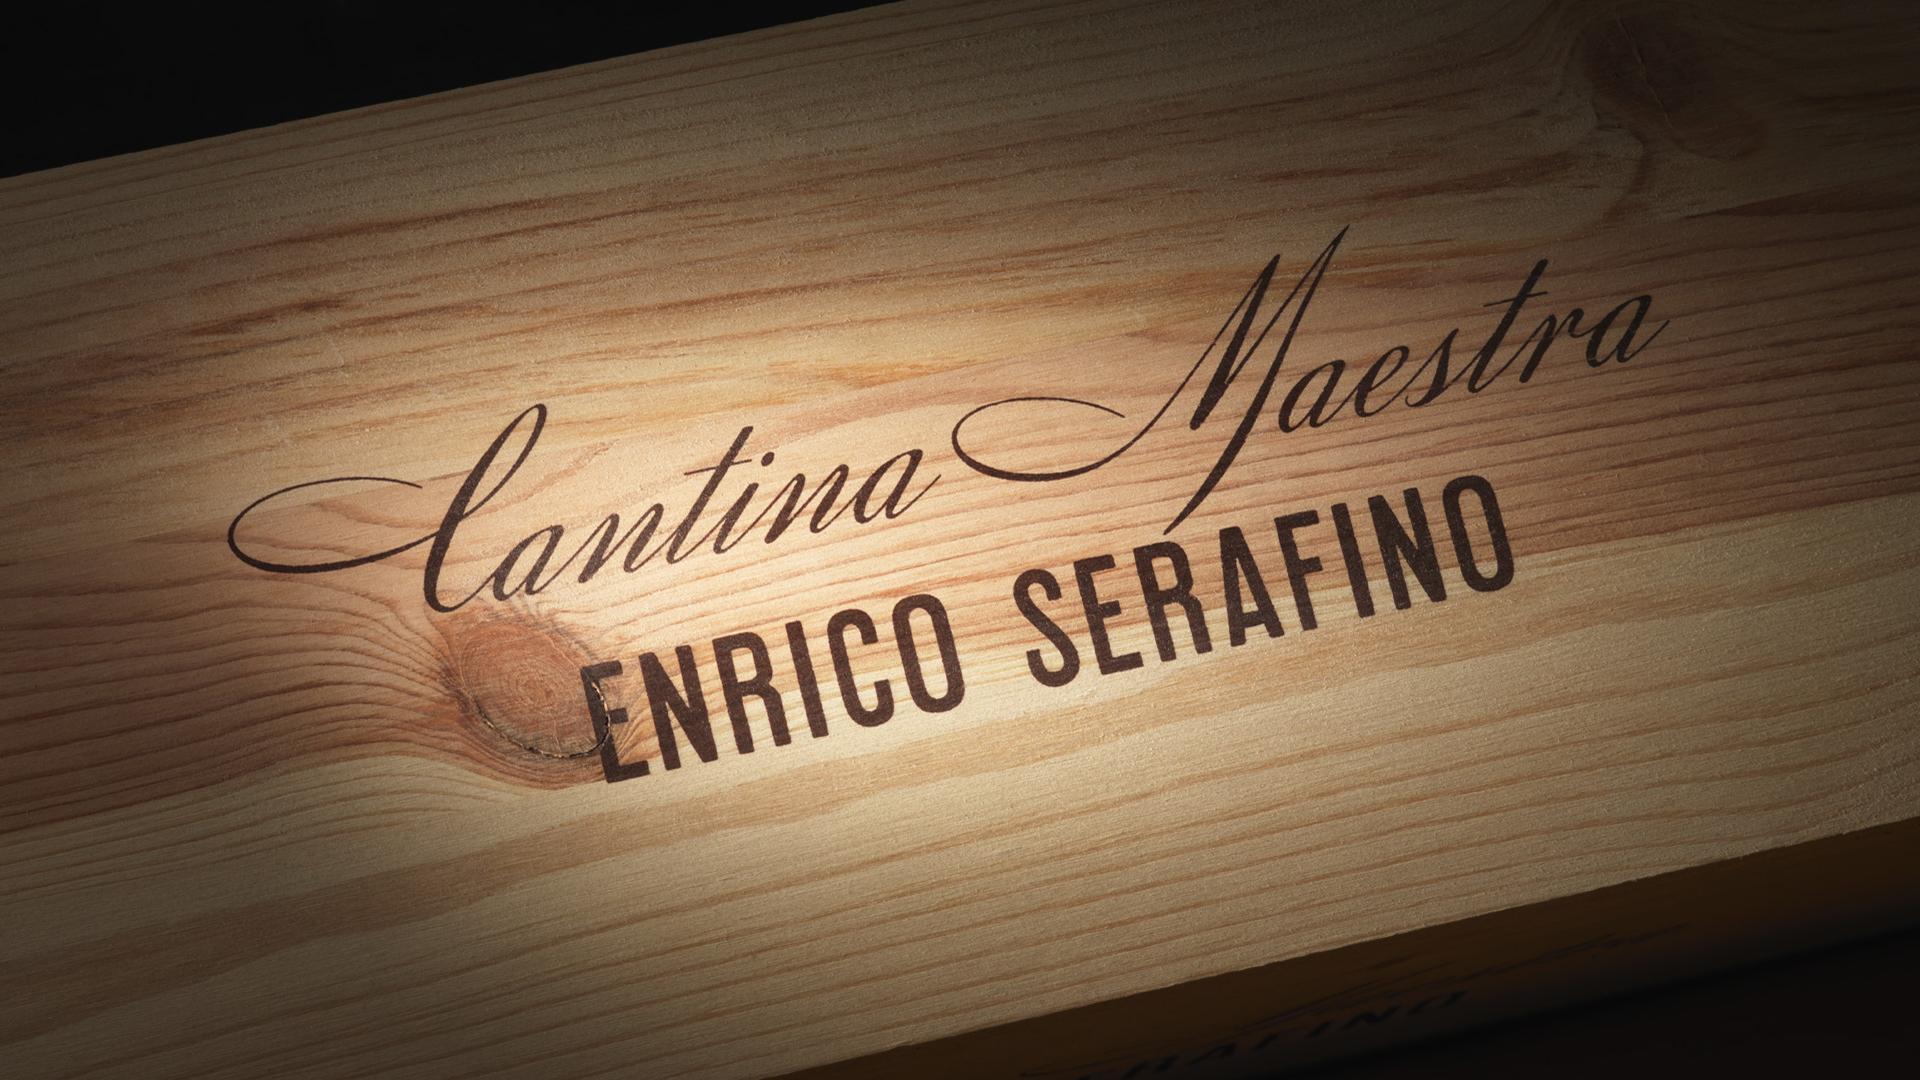 Enrico Serafino Cantina Maestra applicazione brand